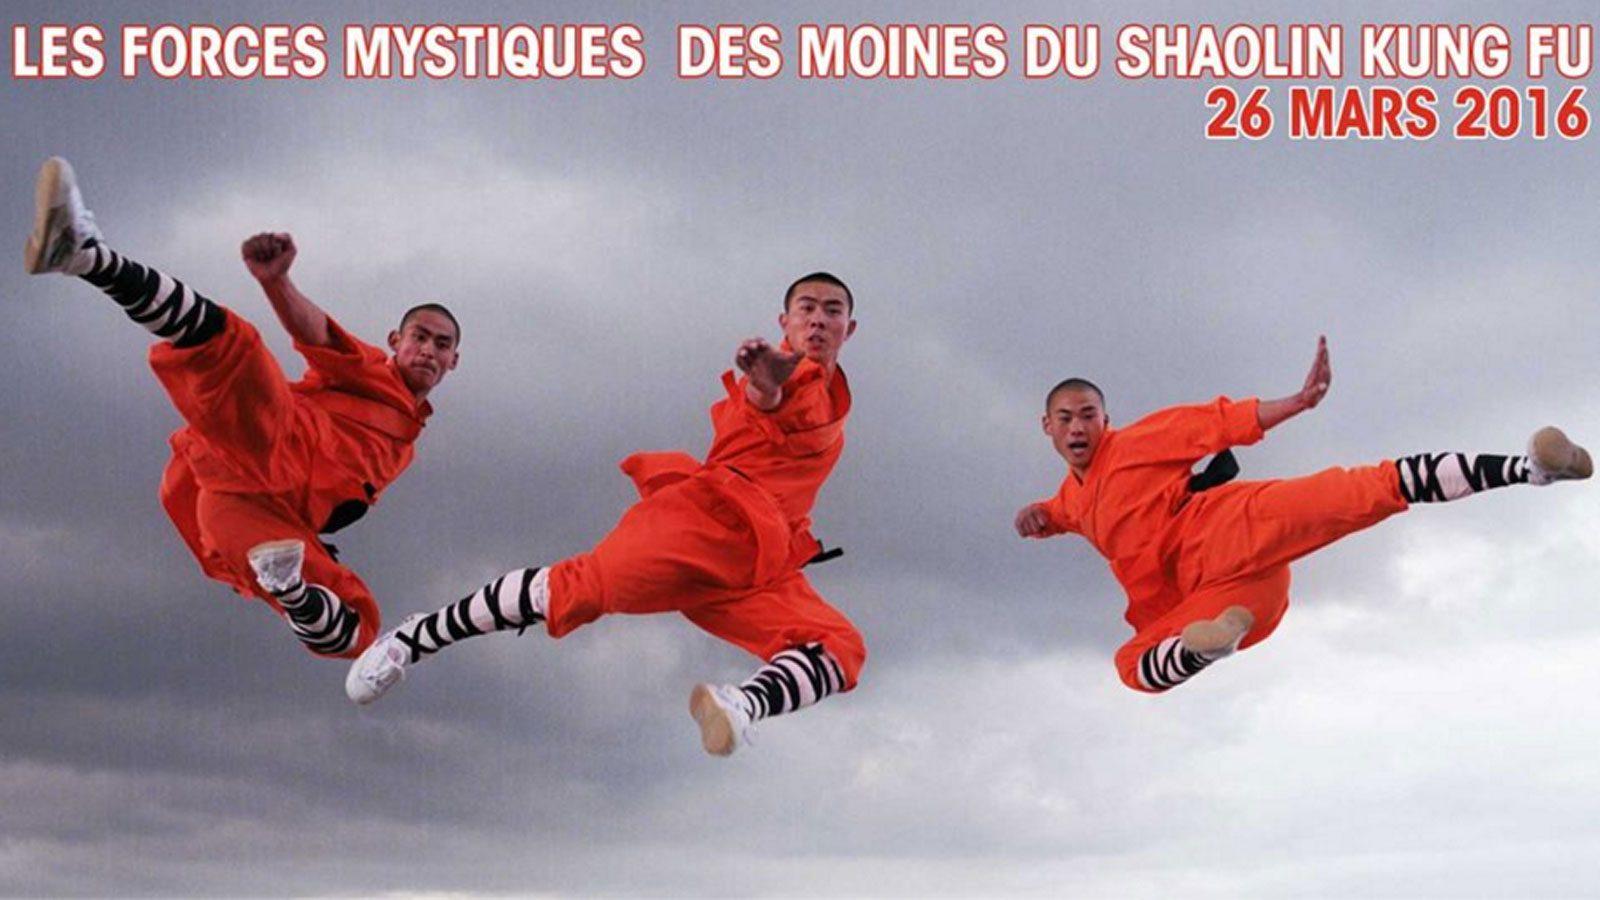 Le pouvoir des Moines Shaolin au Seven casino d'Amnéville